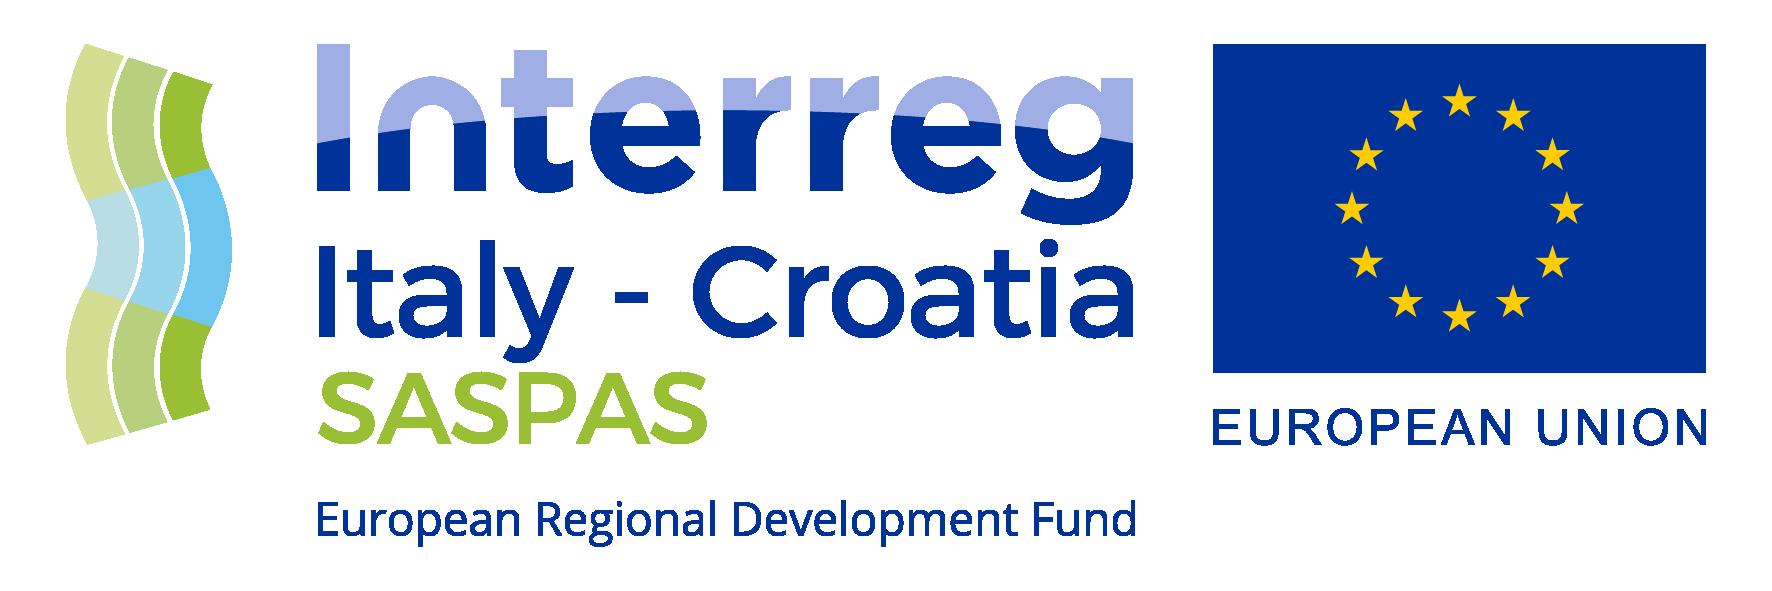 Provedeno prvo terensko istraživanje u sklopu EU Interreg projekta SASPAS